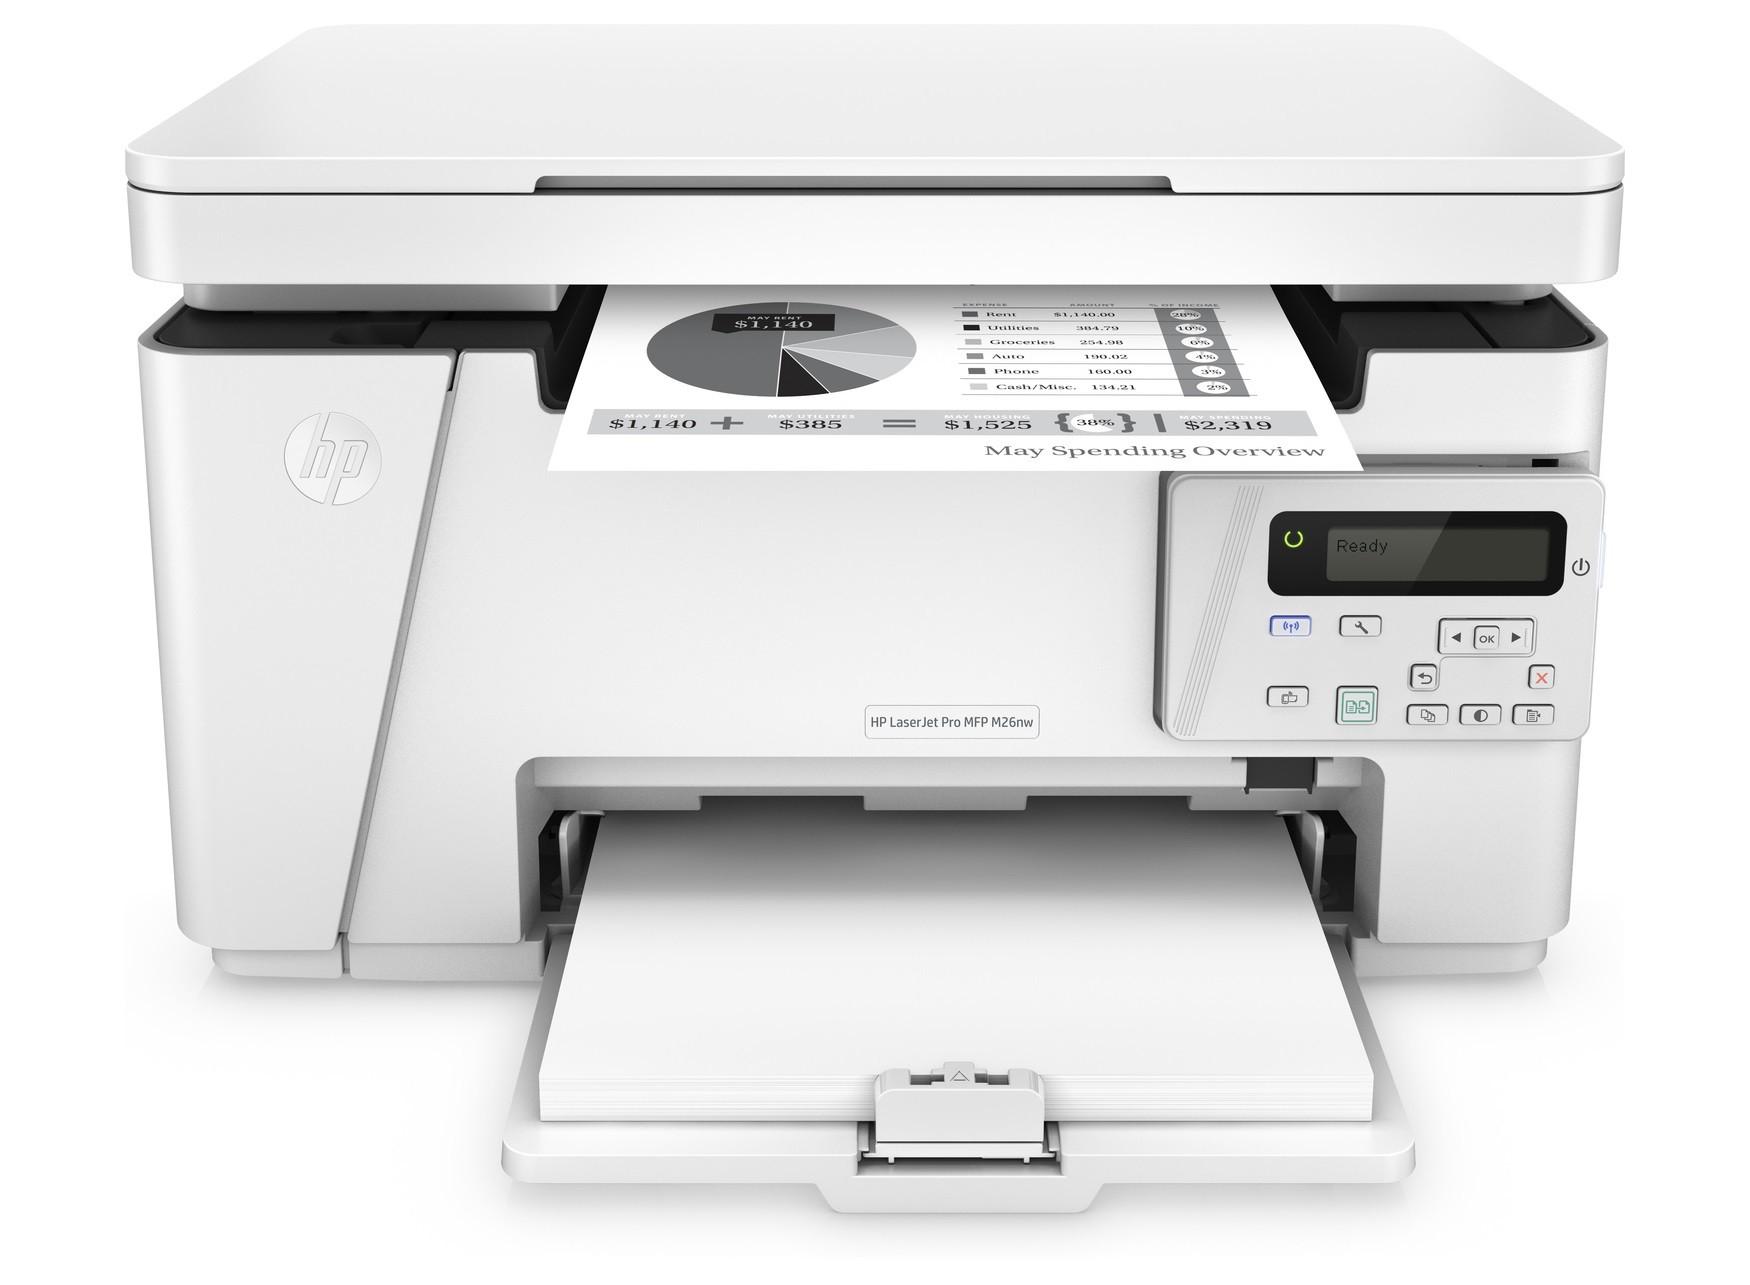 HP giới thiệu dòng máy in Laser mới, giá từ 2,2 triệu đồng